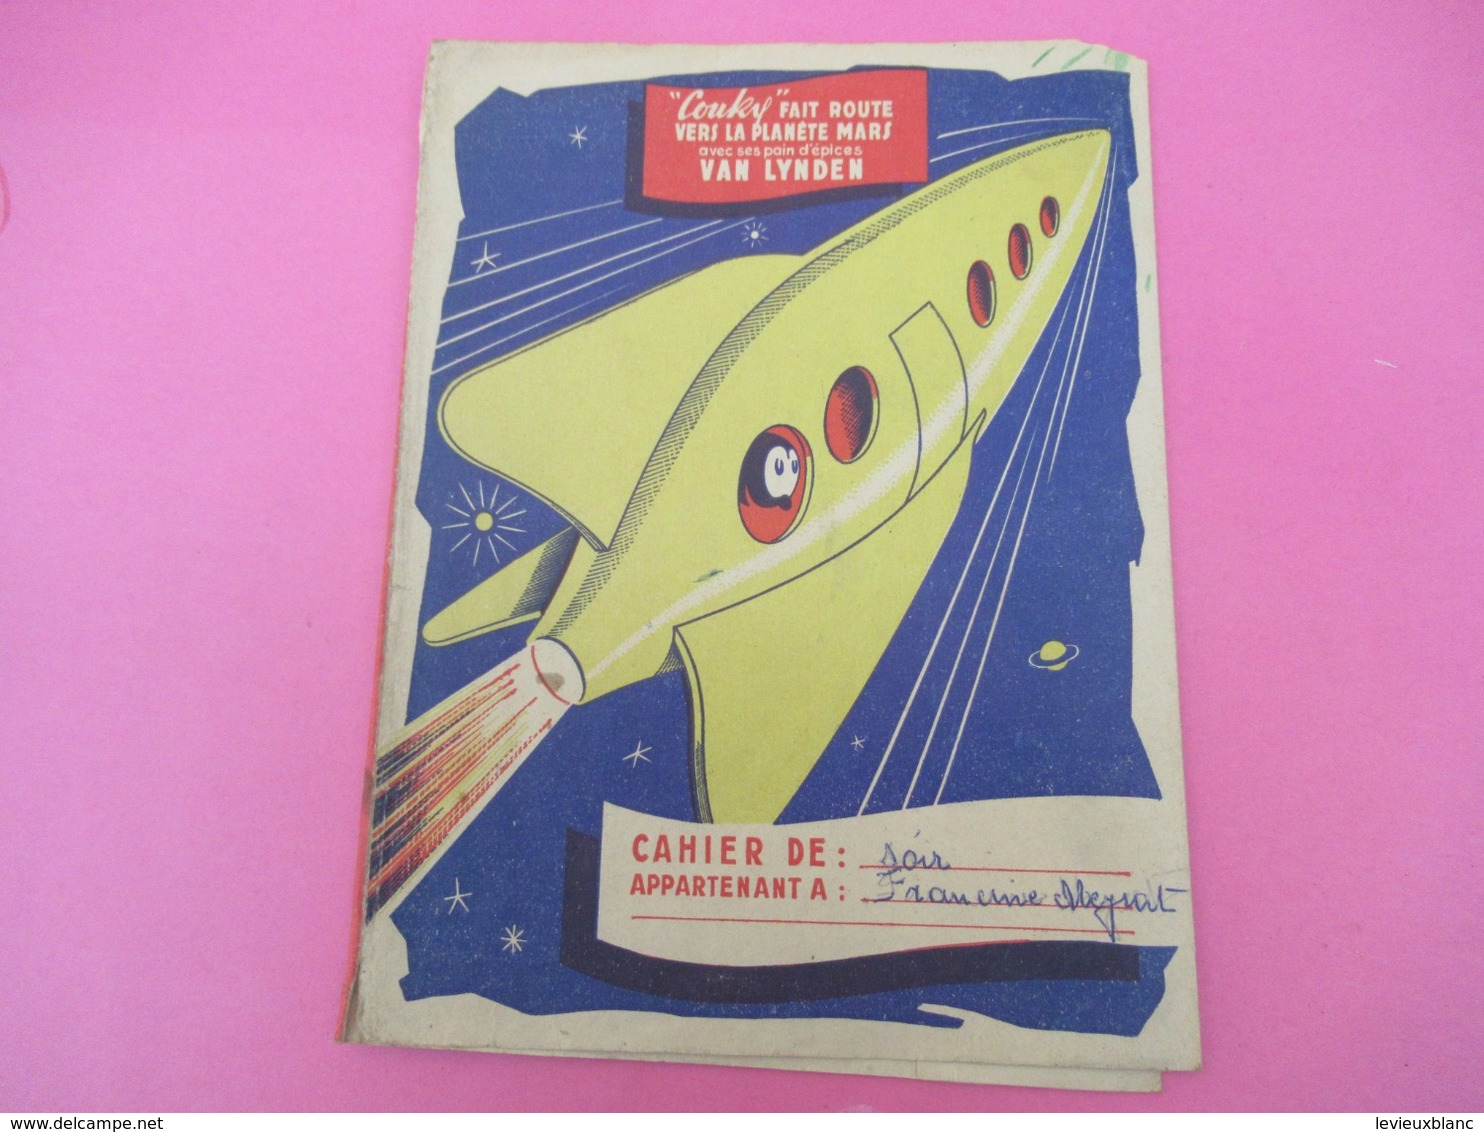 Protège-Cahier/Pain D'Epice/VAN LYNDEN/Couky Fait Route Vers Mars/Cahier De Soir/Francine MEYRAT/Vers 1950  CAH214 - Gingerbread